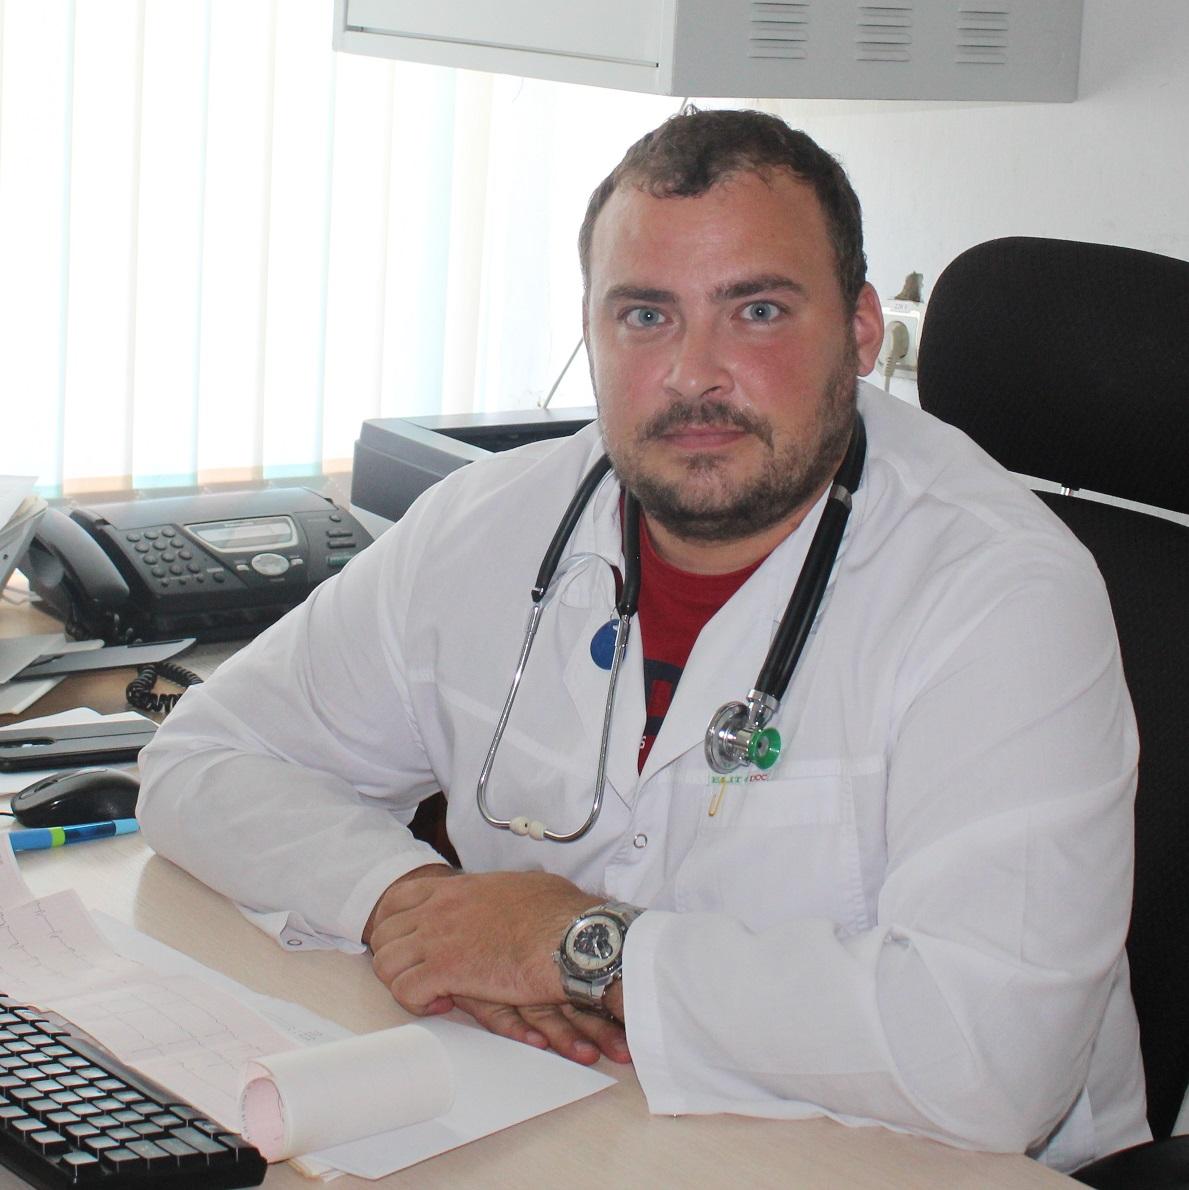 Количество случаев инфарктов и инсультов в хуторе Ольгинском уверенно идет к нулю